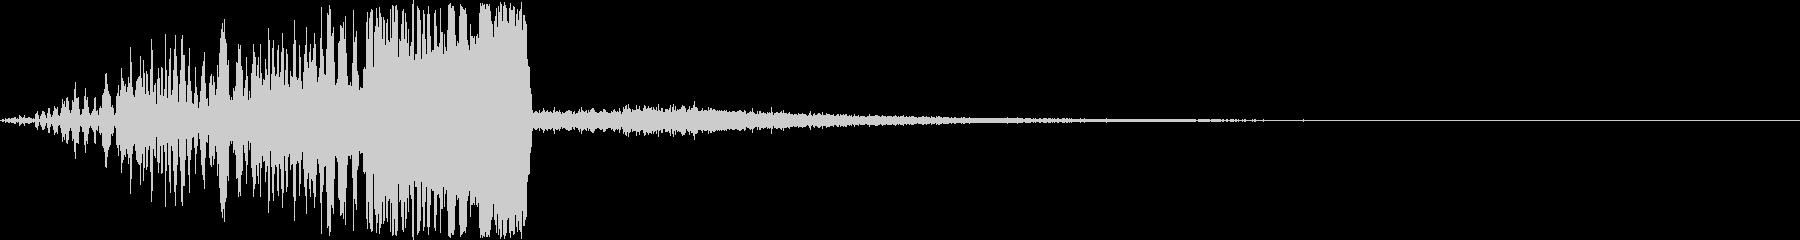 インパクト大なタイトルロゴの未再生の波形